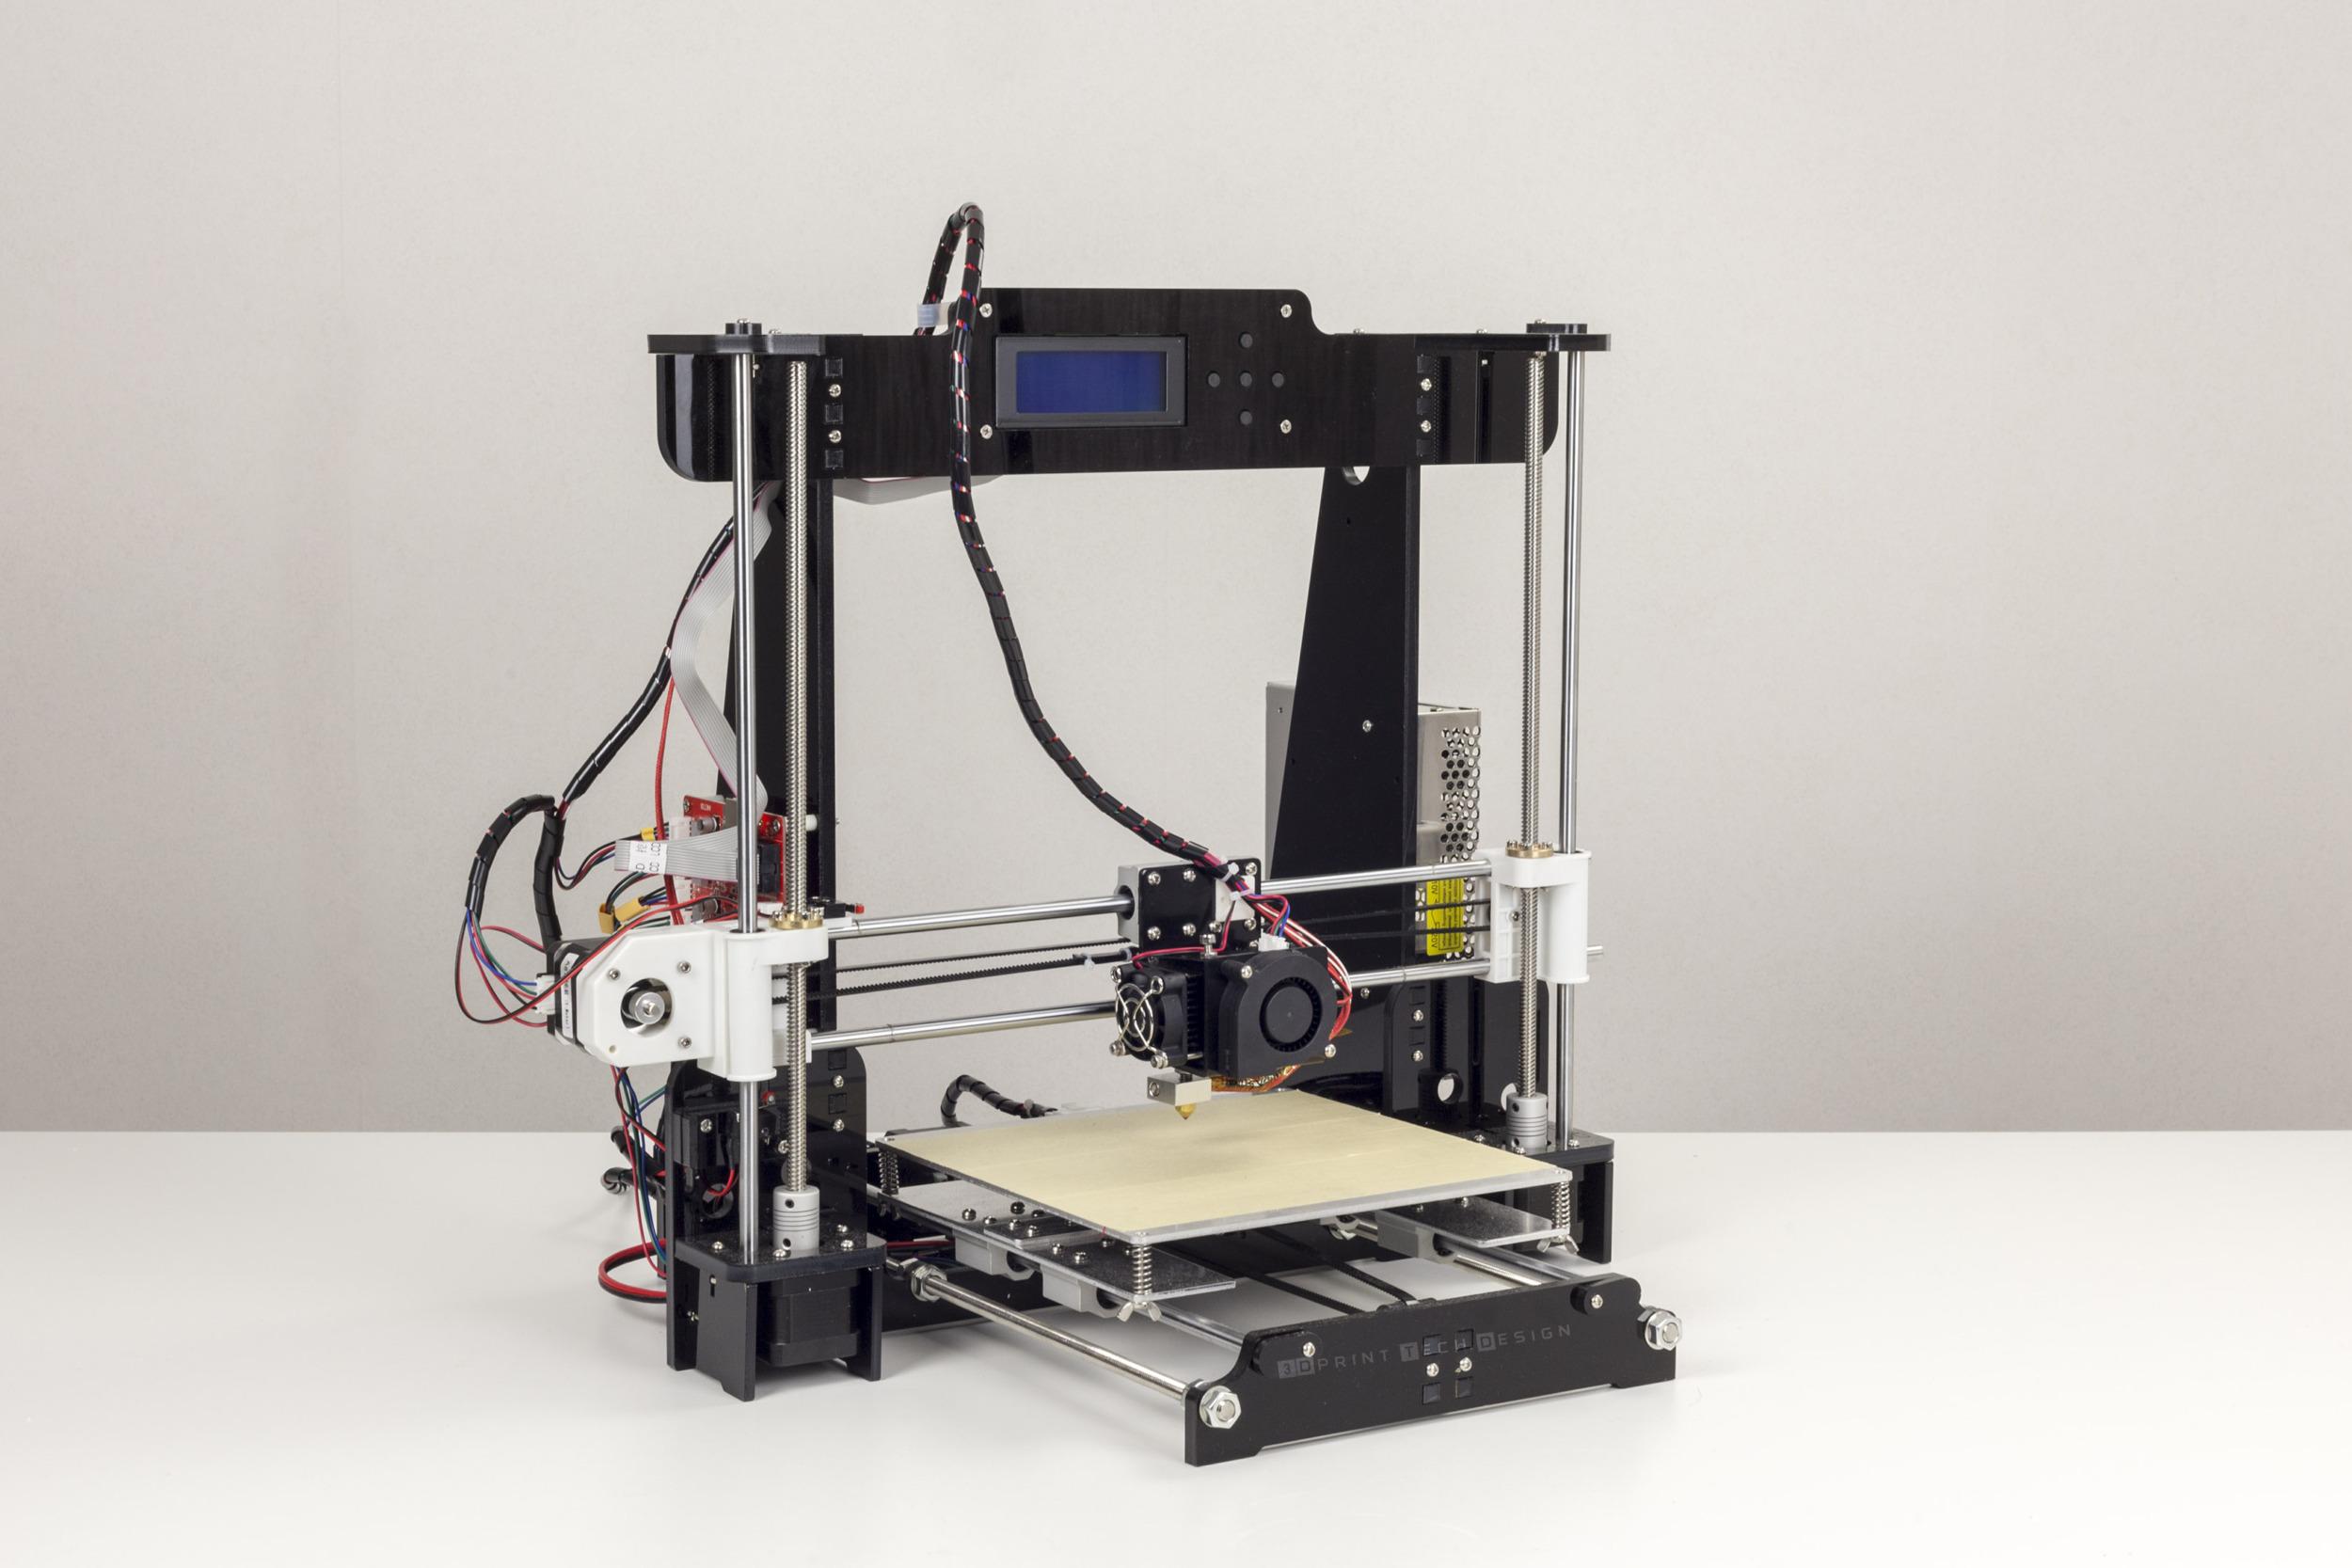 3D tiskárna Anet A8 je ve slevě a navíc z německého skladu! [sponzorovaný článek]